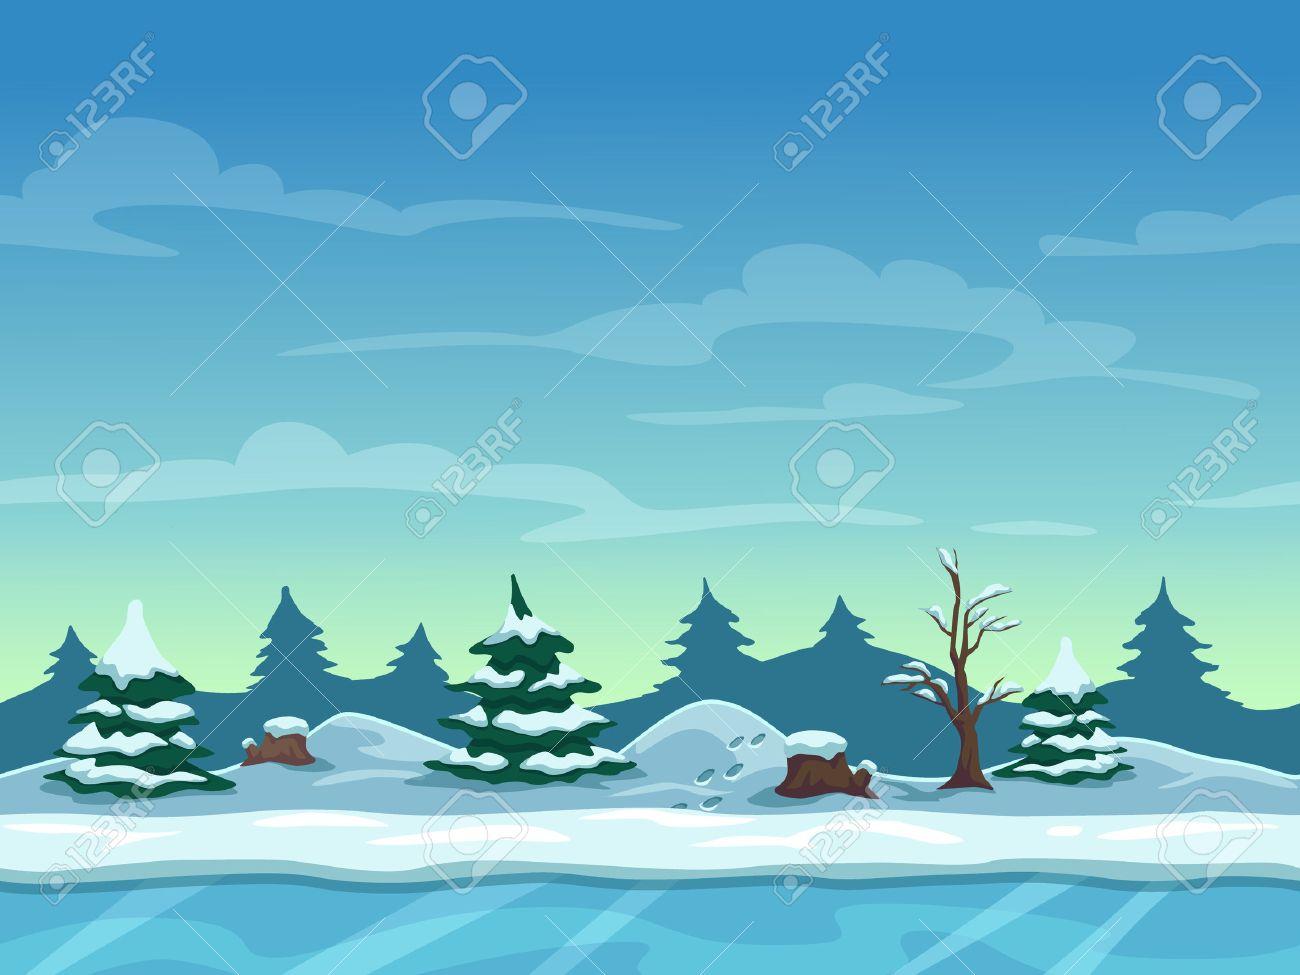 Seamless Paysage D'hiver De Dessin Animé, Fond Sans Fin Avec De La Glace,  Des Collines De Neige Et Des Couches De Ciel Nuageux serapportantà Dessin De Paysage D Hiver